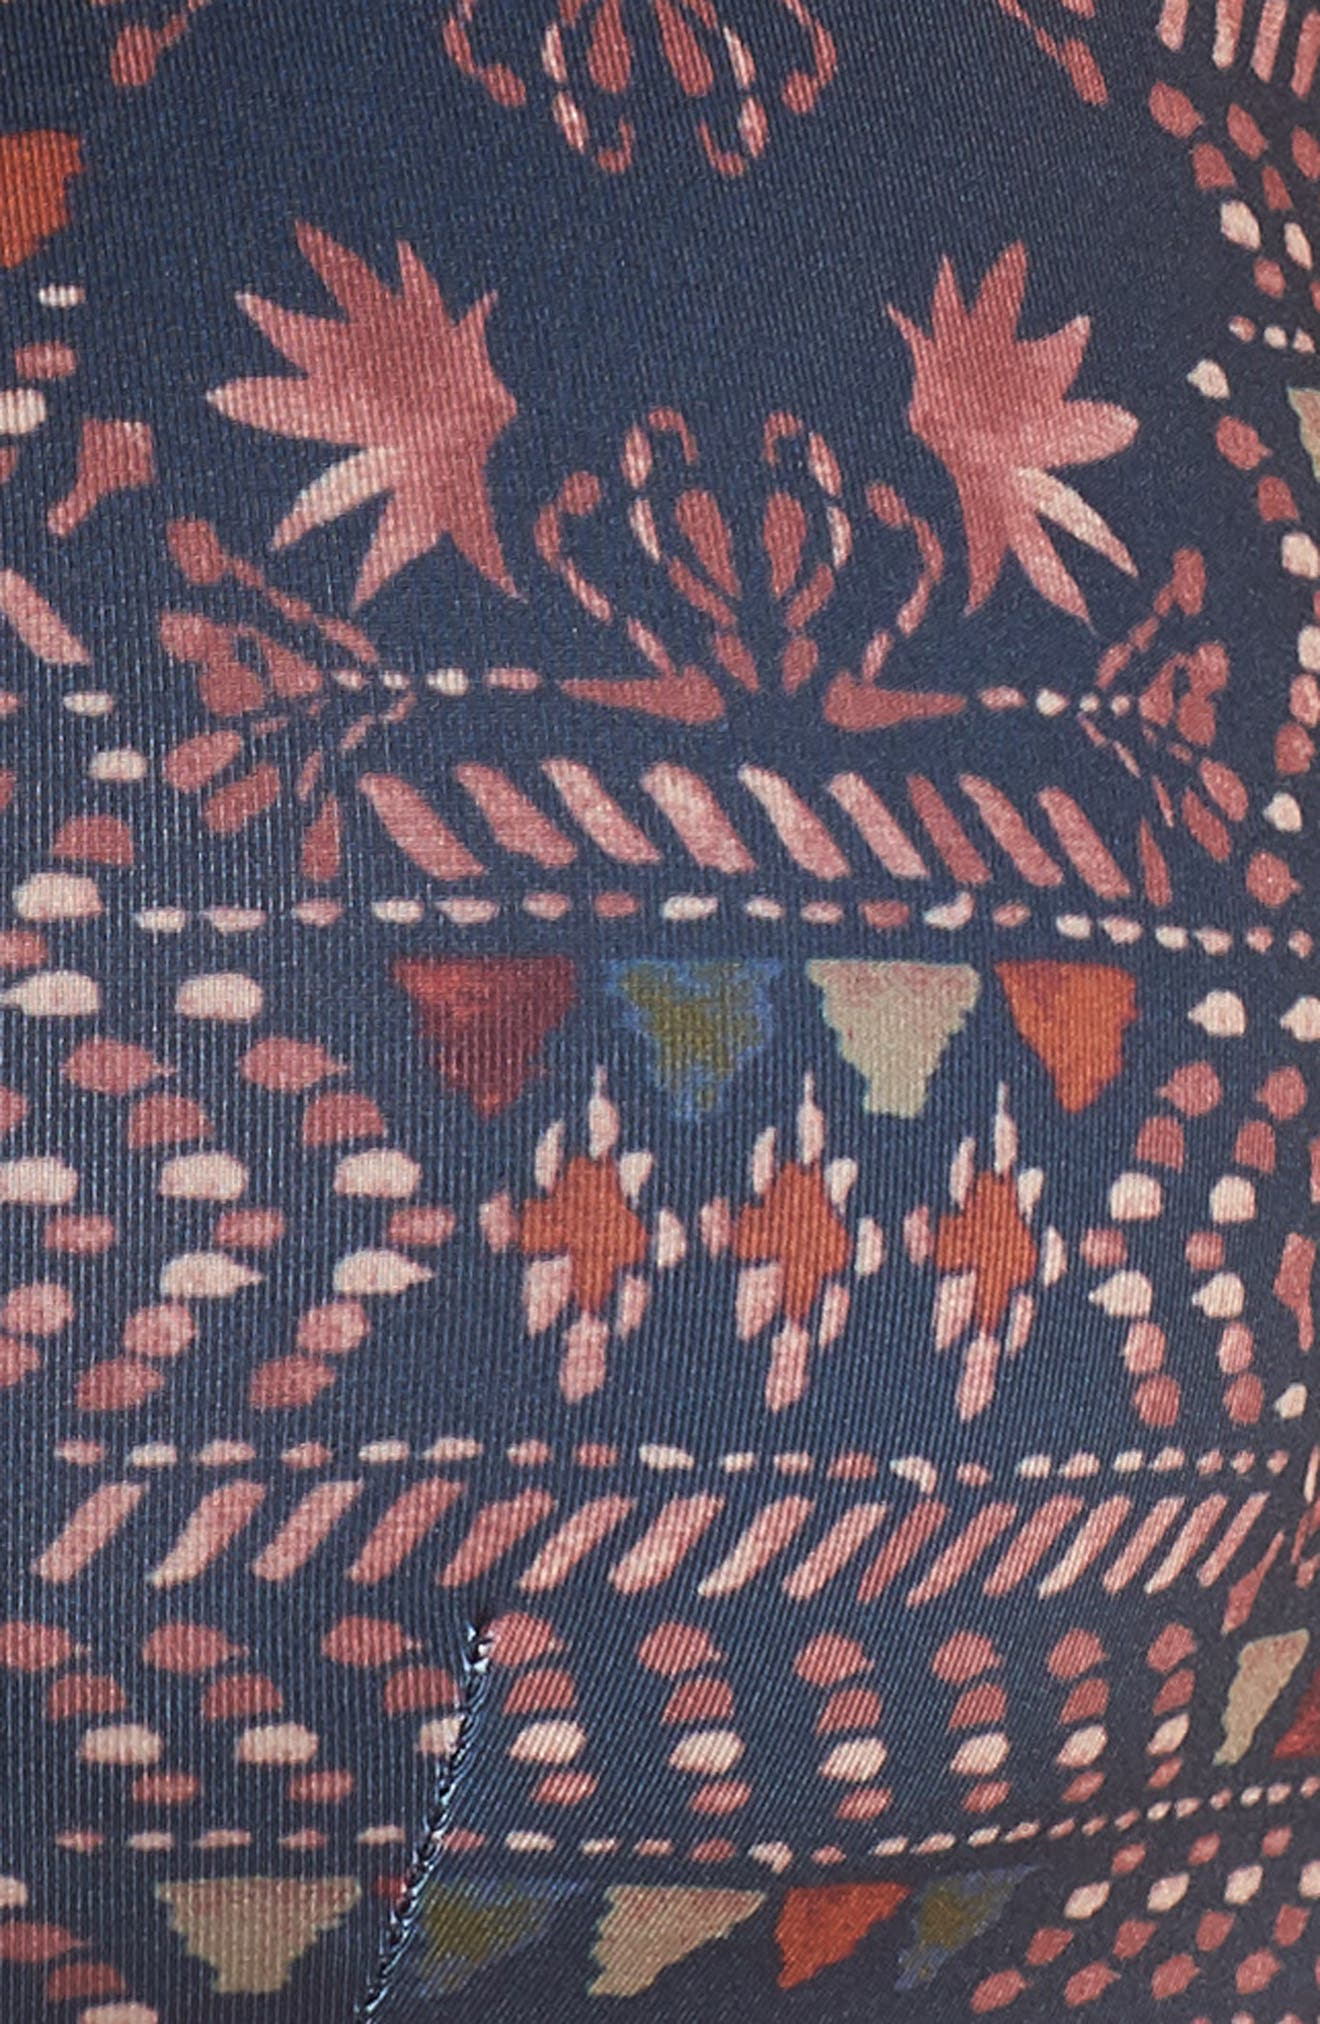 Bottom Turn Bikini Top,                             Alternate thumbnail 5, color,                             FIRESIDE: NAVY BLUE